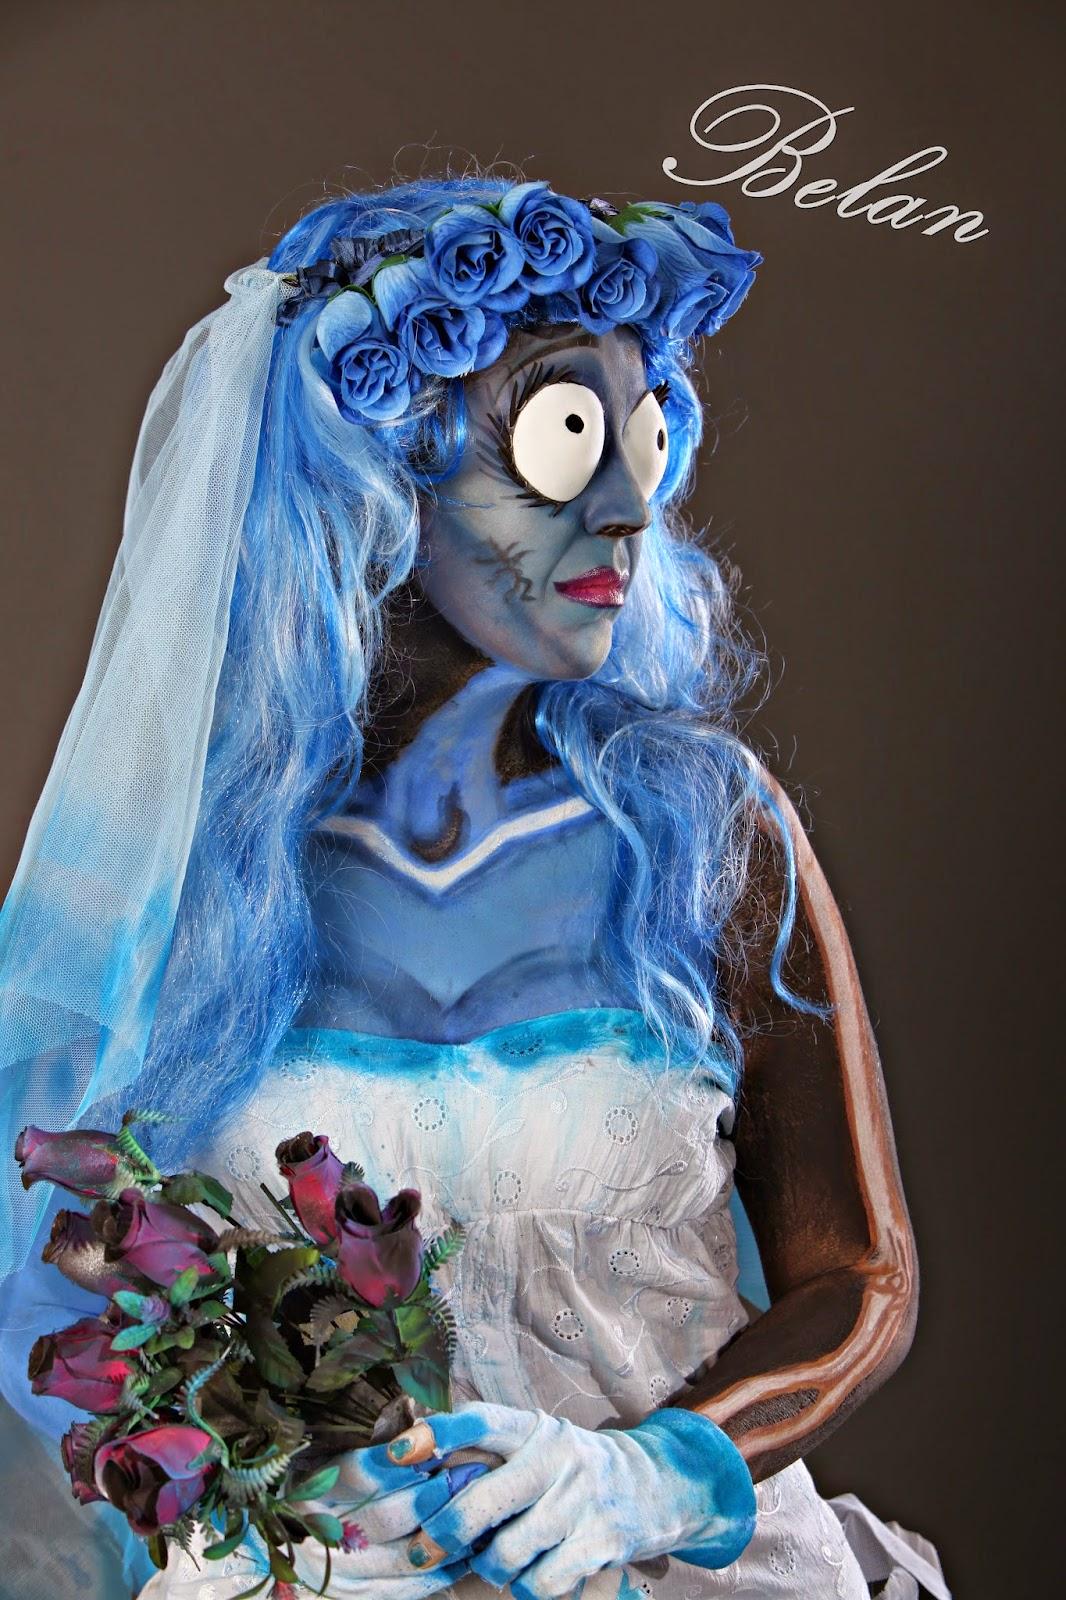 Cute Vestido Novia Cadaver Images - Wedding Ideas - memiocall.com